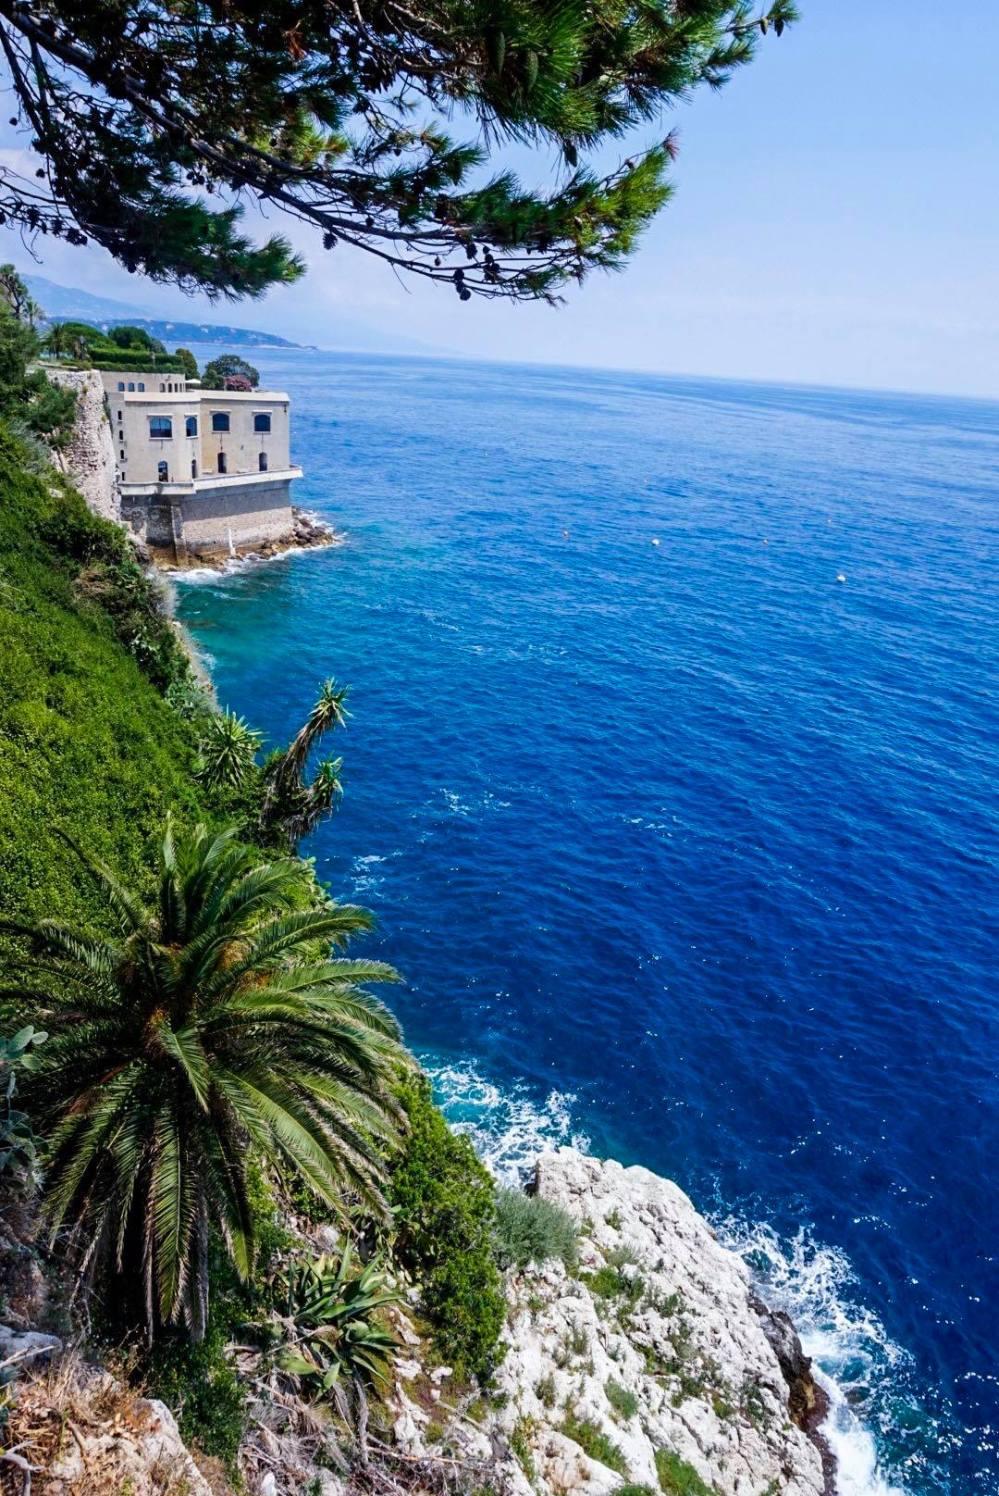 Blue sea, Monaco, France